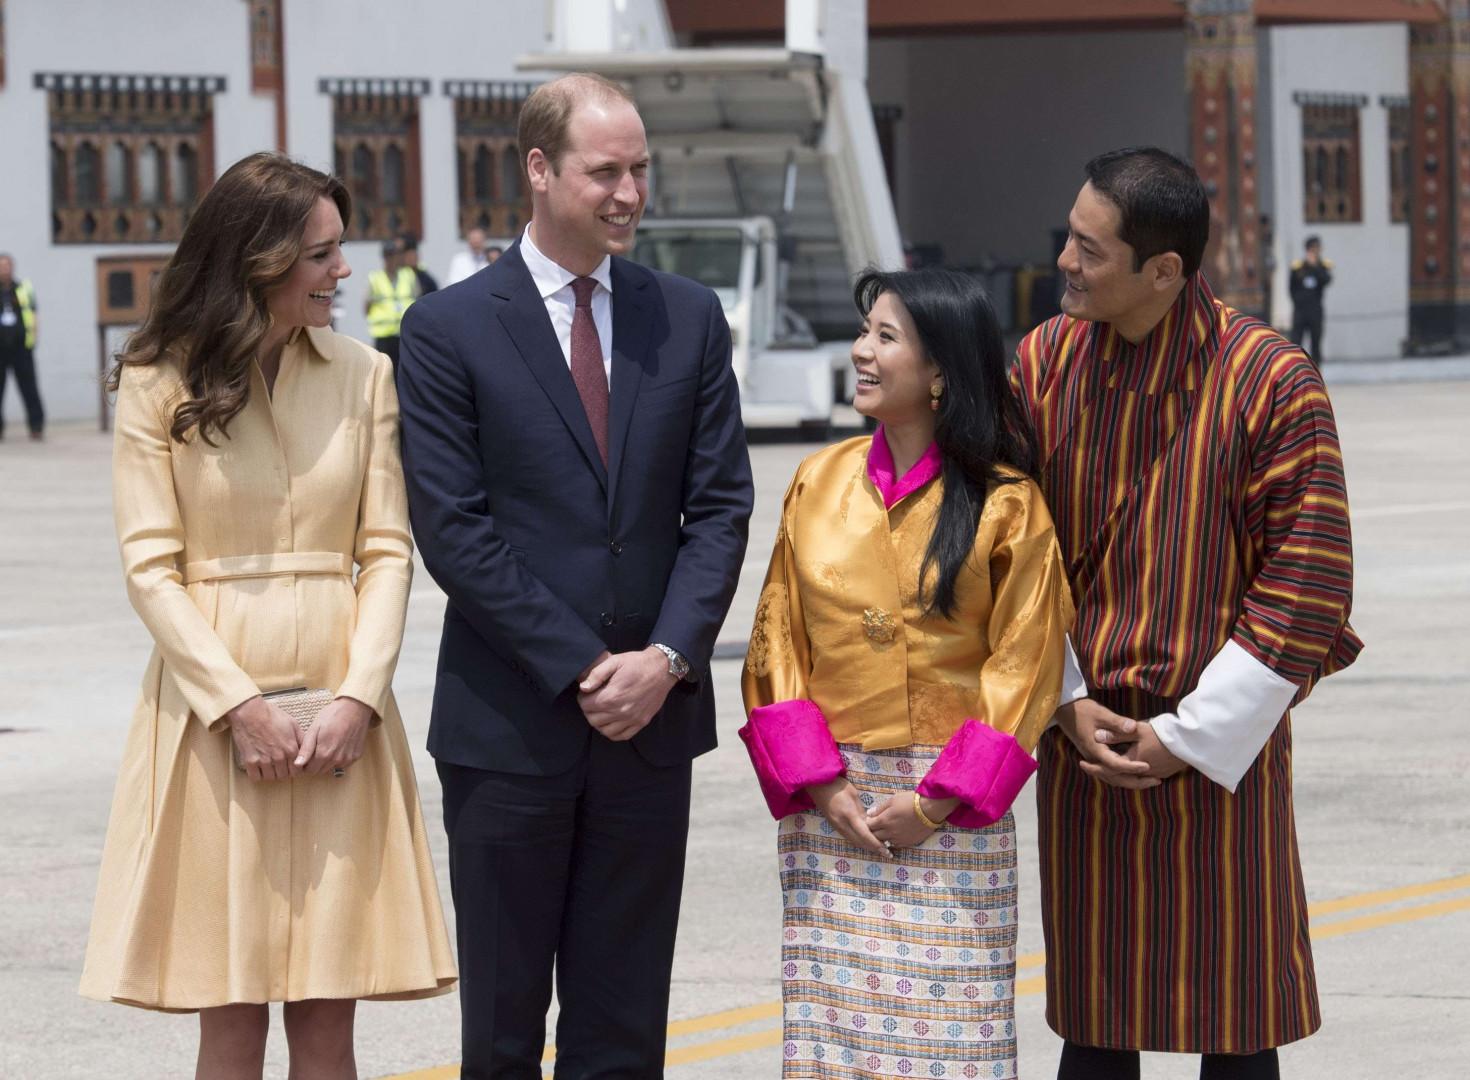 Arrivée à l'aéroport de Paro, le couple royal est accueilli par la princesse Ashi Chimi Yangzom